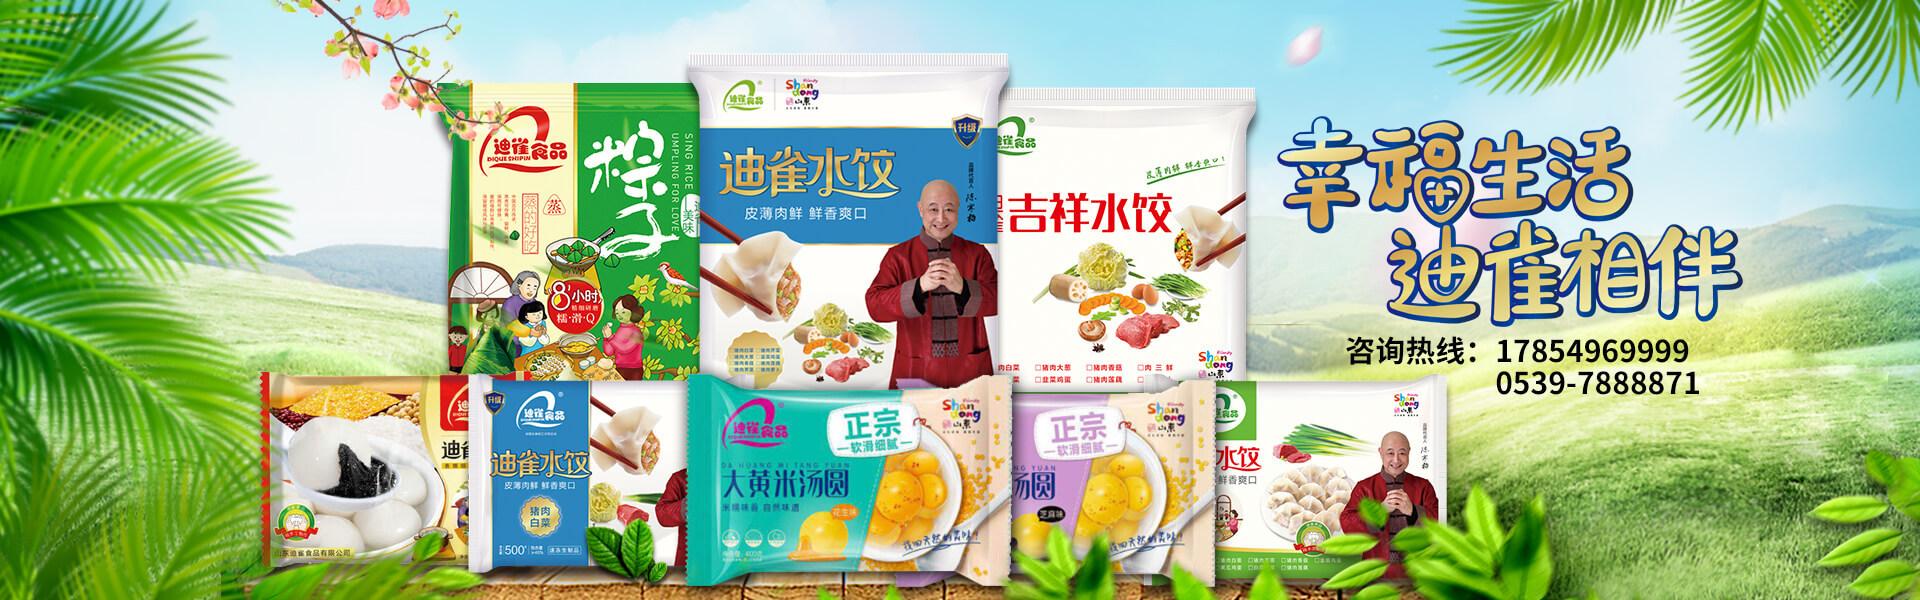 速冻饺子厂家,速冻馄饨批发,山东粽子生产厂家,速冻手工馒头厂家